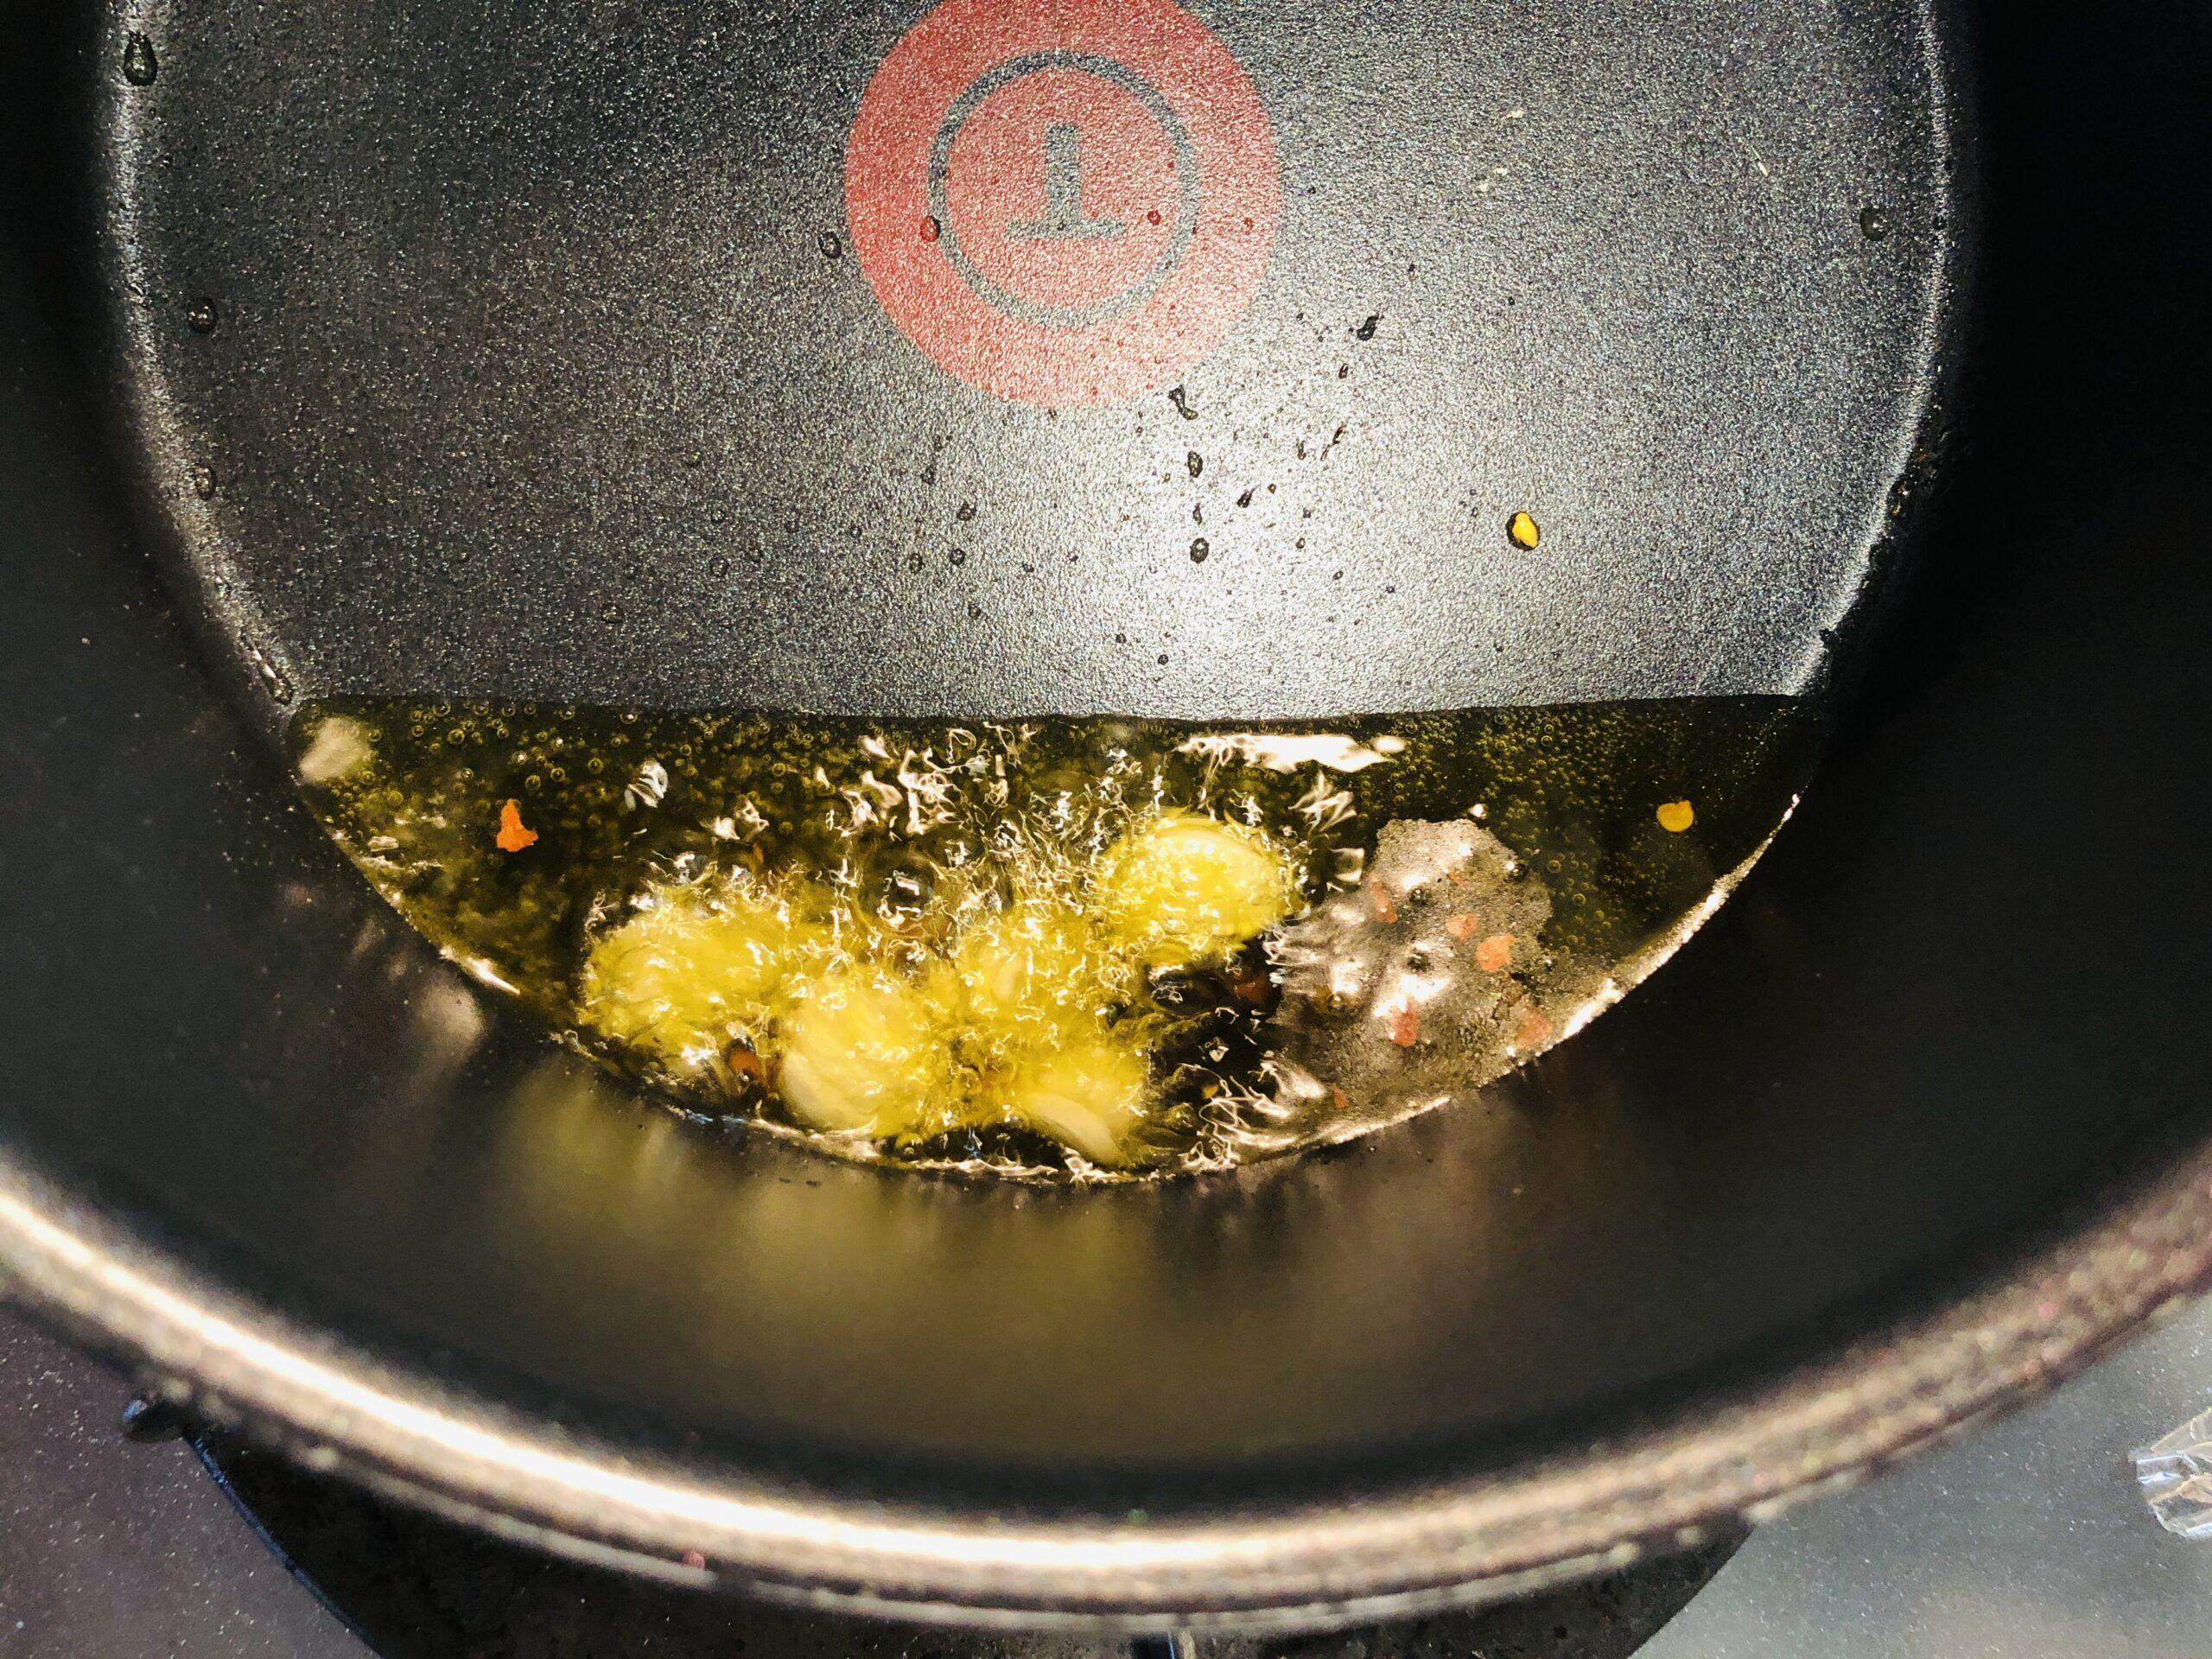 鍋にオリーブオイルと潰したニンニク、タカノツメを入れ弱火にかけている様子の画像です